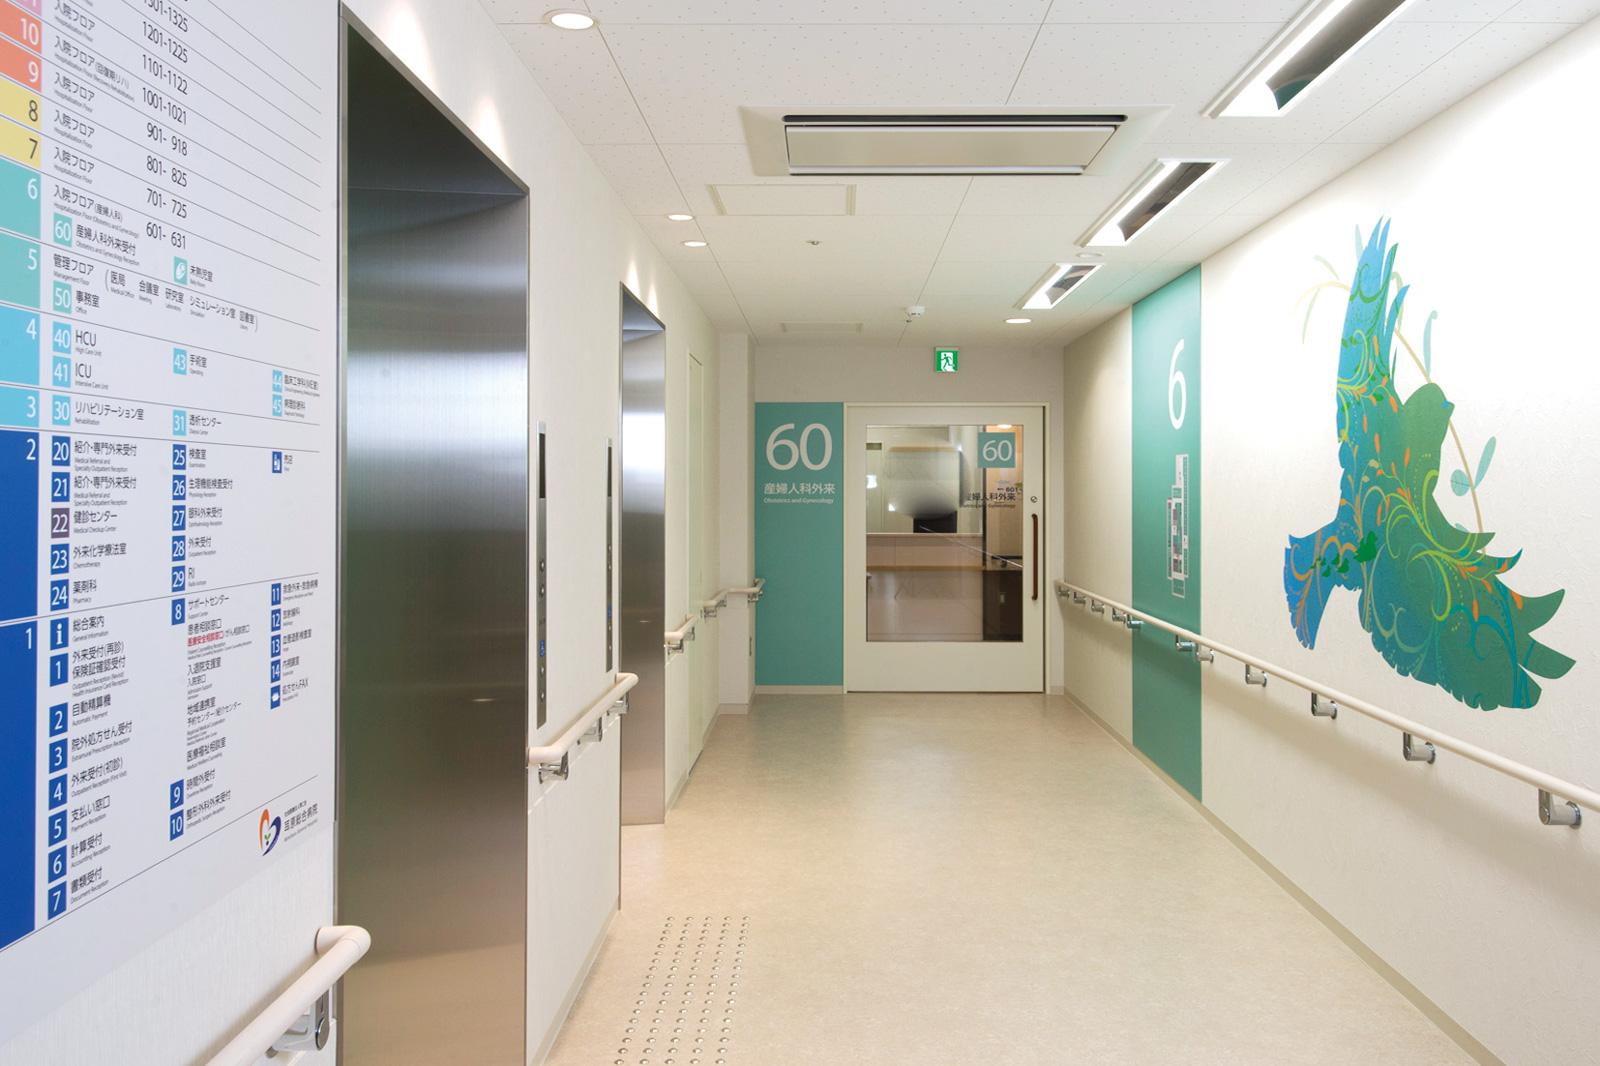 ホスピタルアート 耳原総合病院 壁画「虹色プロジェクト」